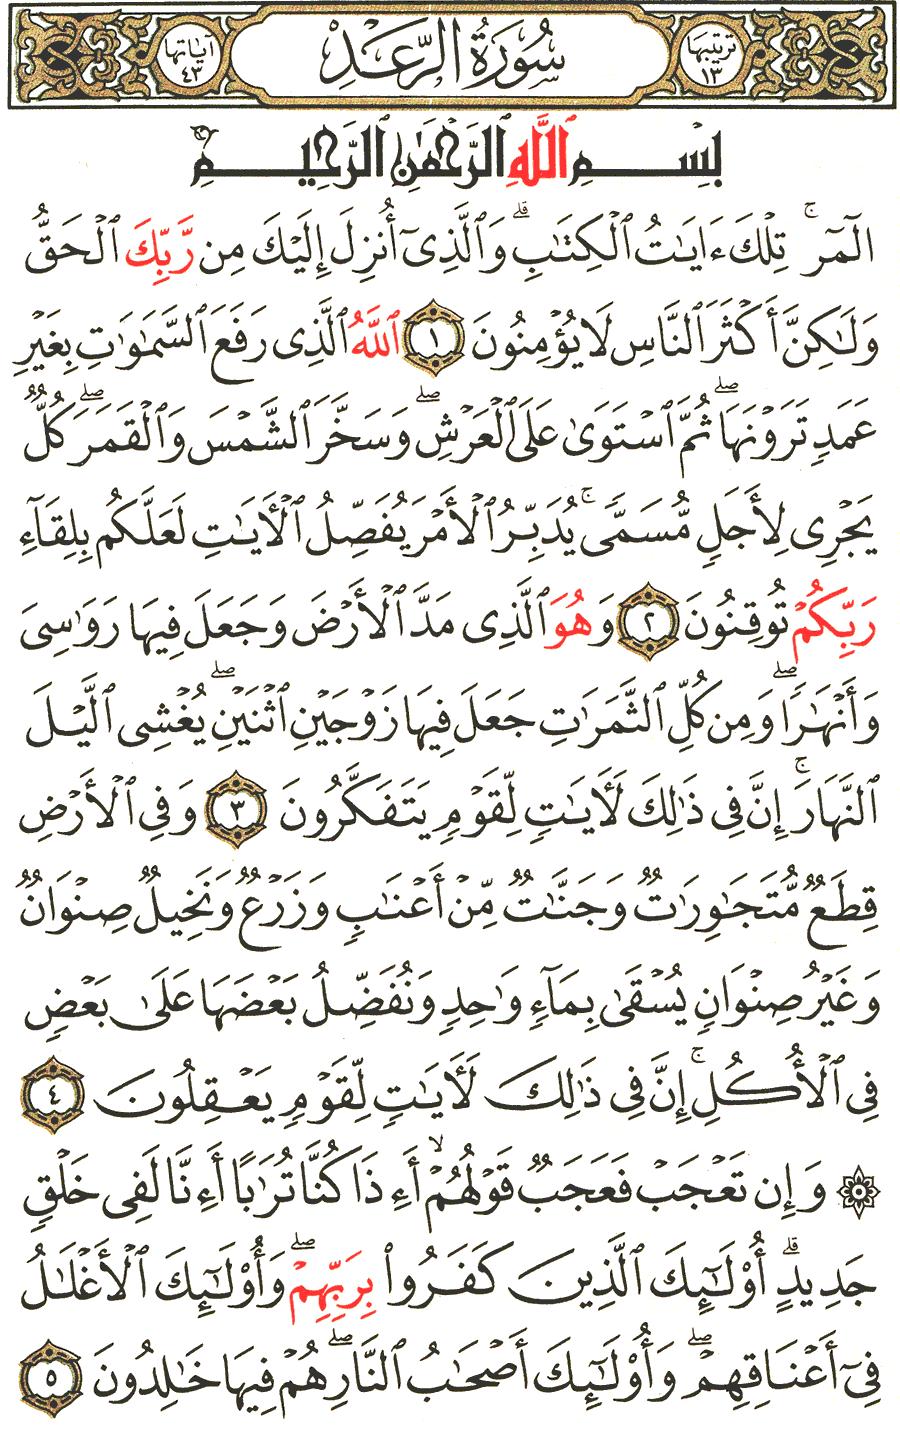 الصفحة رقم 249  من القرآن الكريم مكتوبة من المصحف